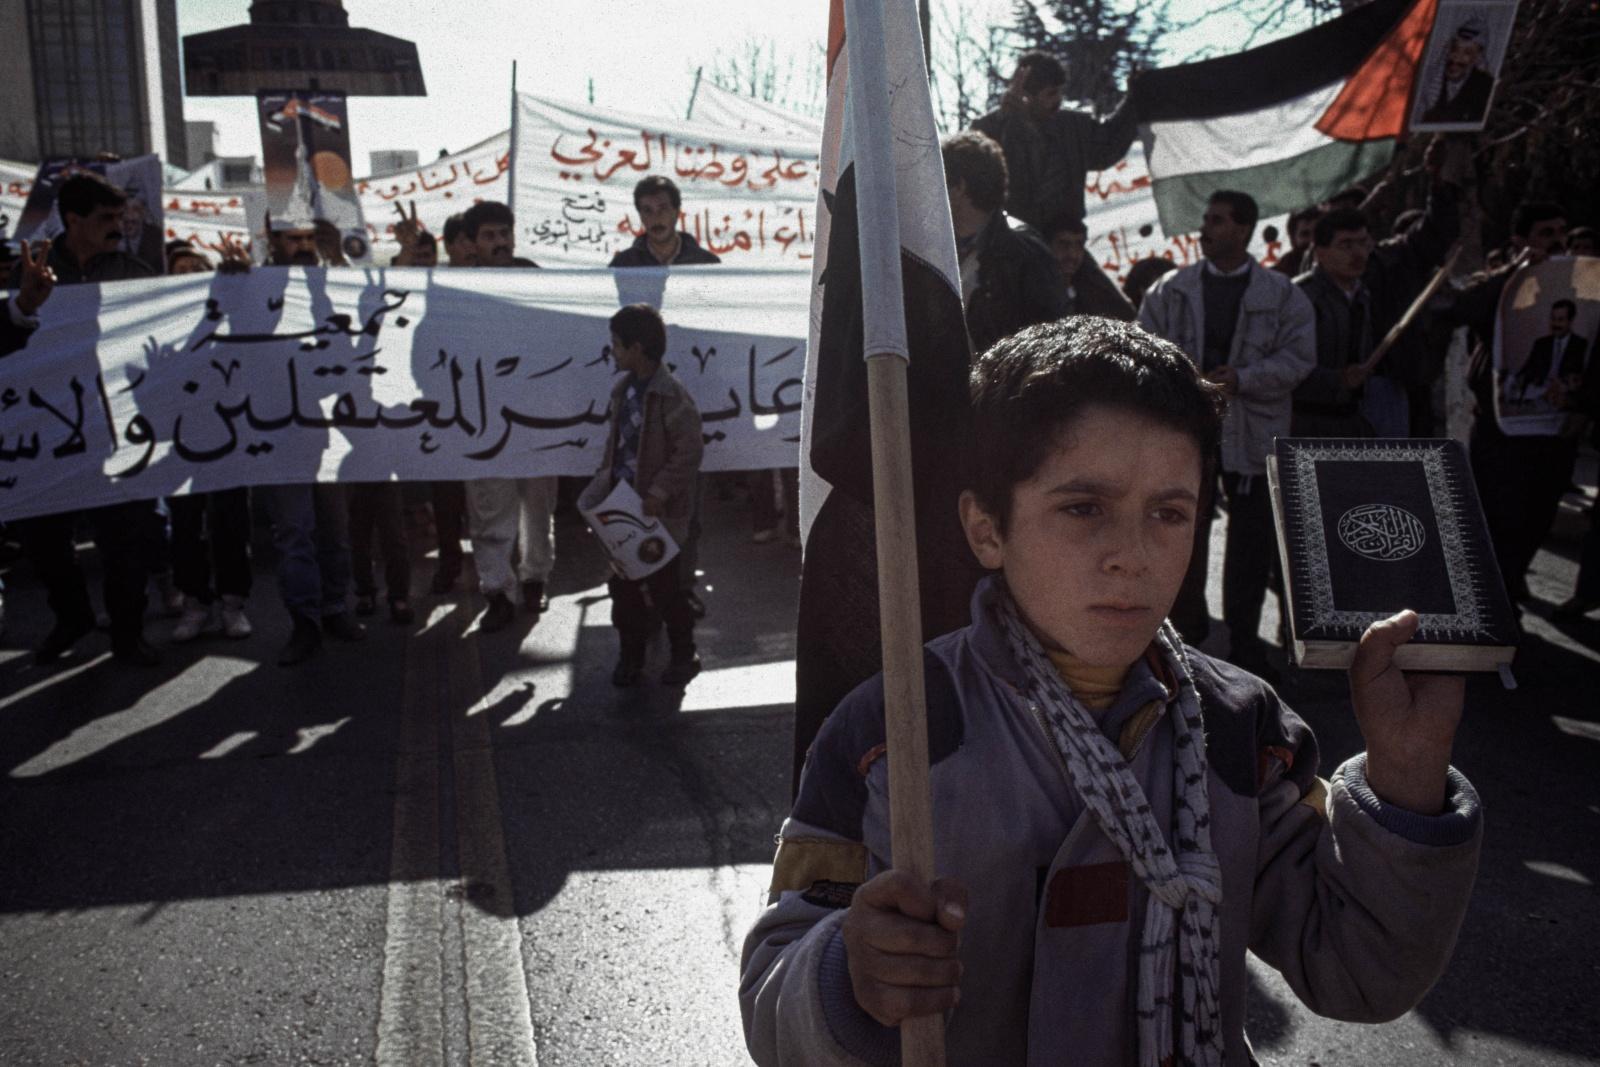 Giordania, manifestazione della comunità palestinese di Amman in supporto a Saddam Hussein